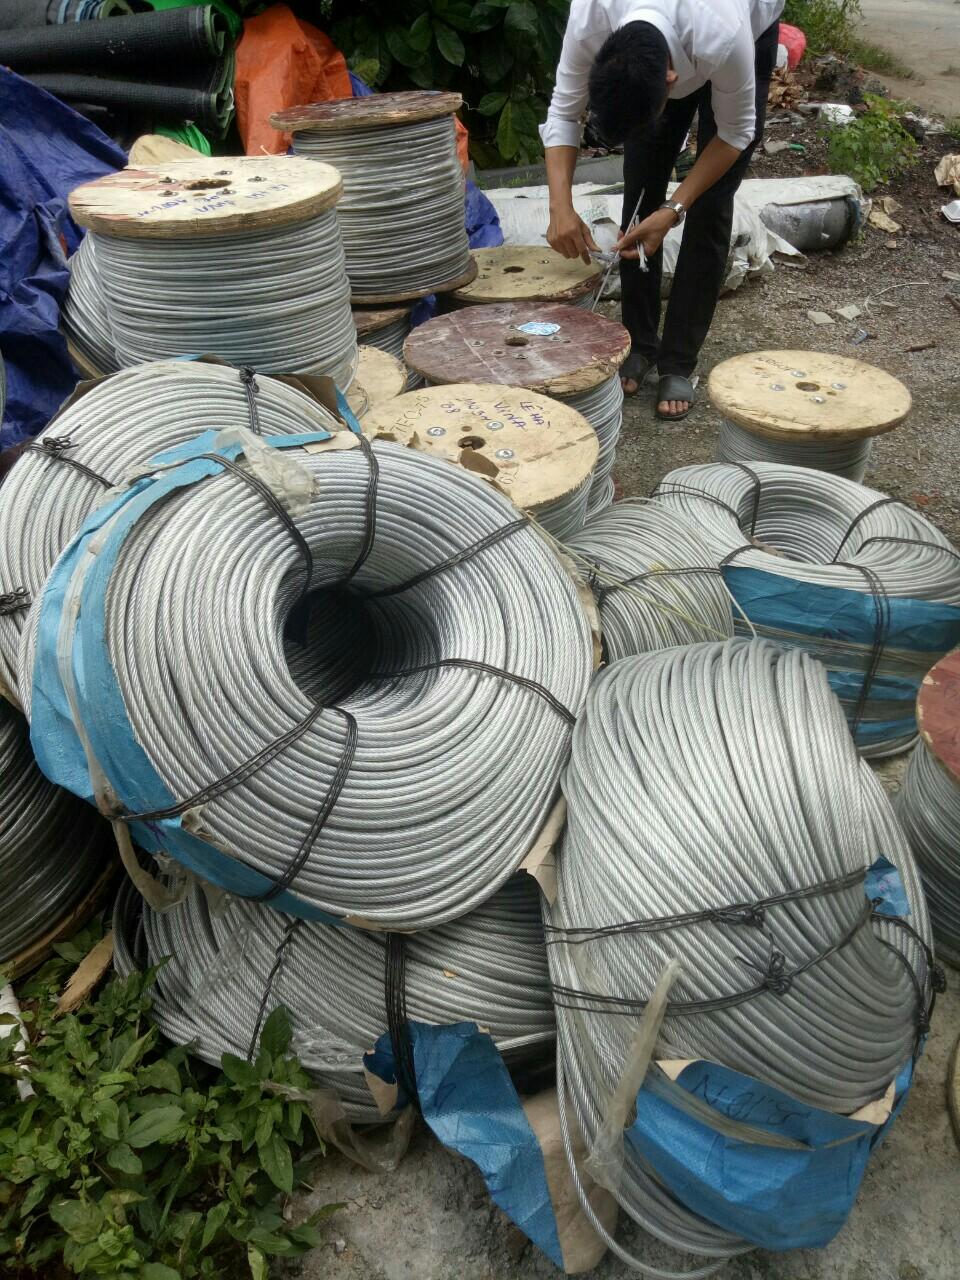 Cáp bọc nhựa phi 4, Công ty TNHH Lê Hà Vina, Dây cáp bọc nhựa phi 4, Dây cáp bọc nhựa, Cáp bọc nhựa d4, Cáp bọc nhựa 4mm